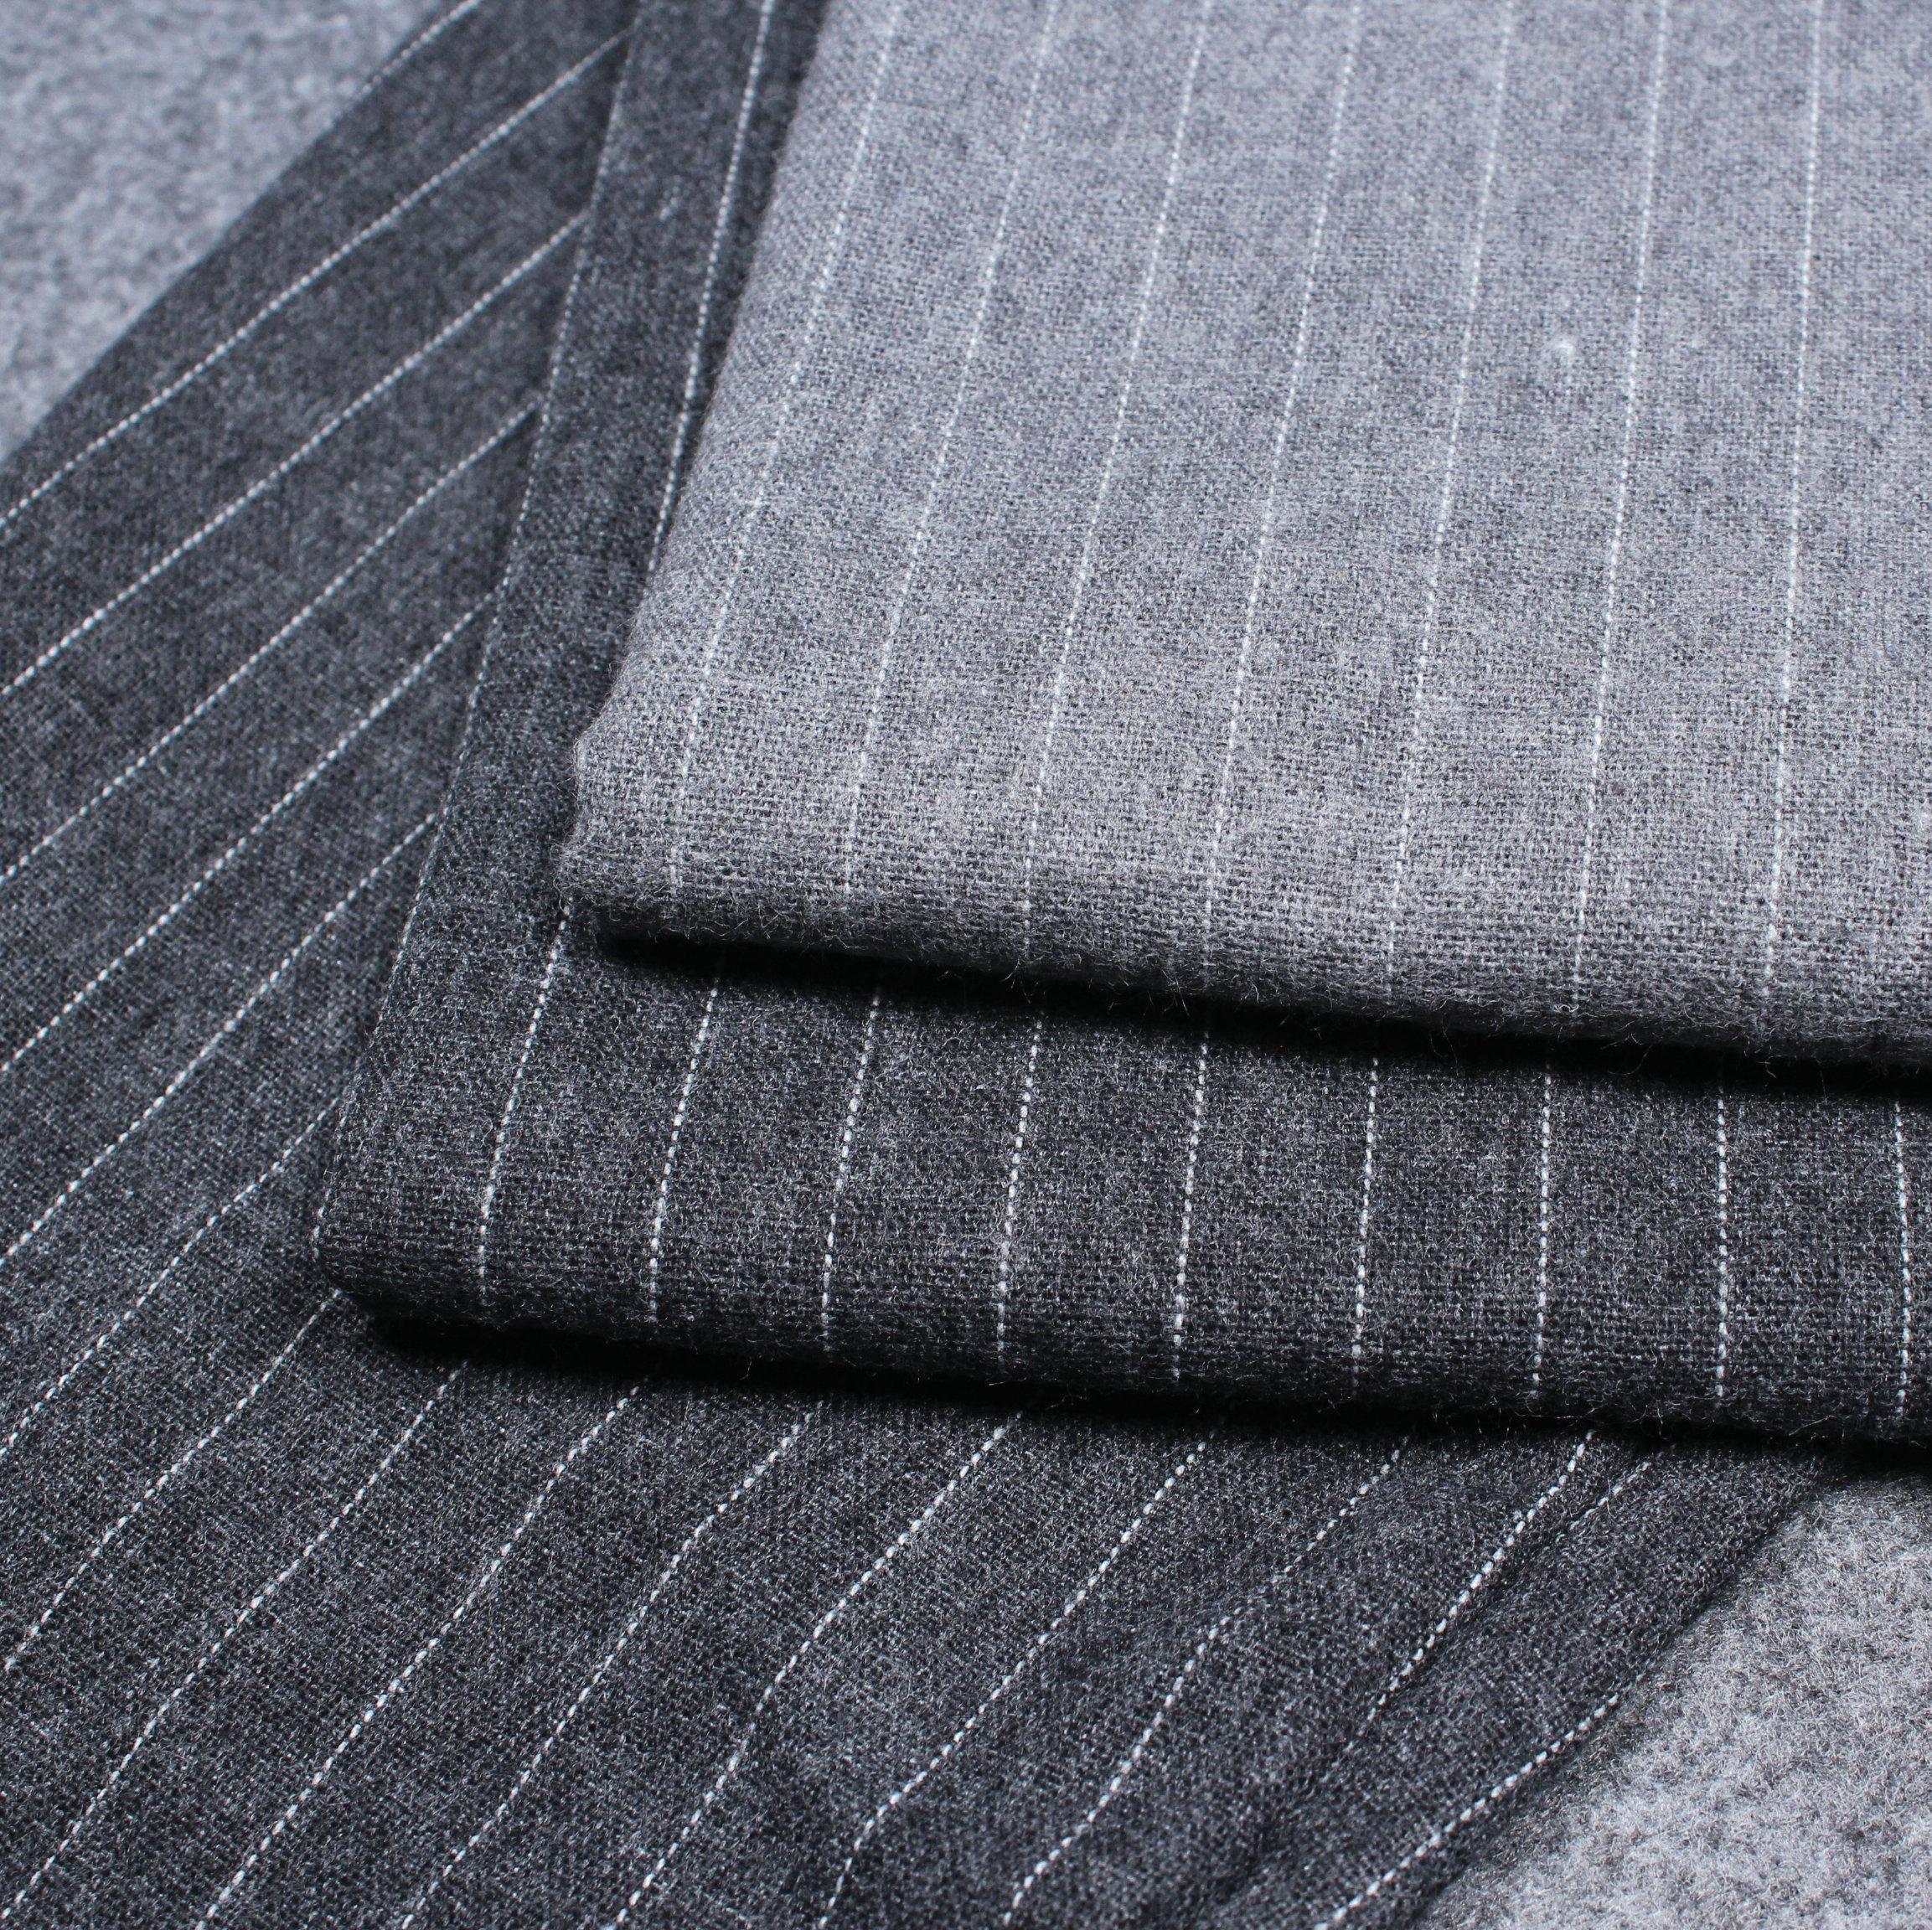 文艺绅士条纹 优质磨毛 纯棉法兰绒布料 春秋衬衫全棉面料